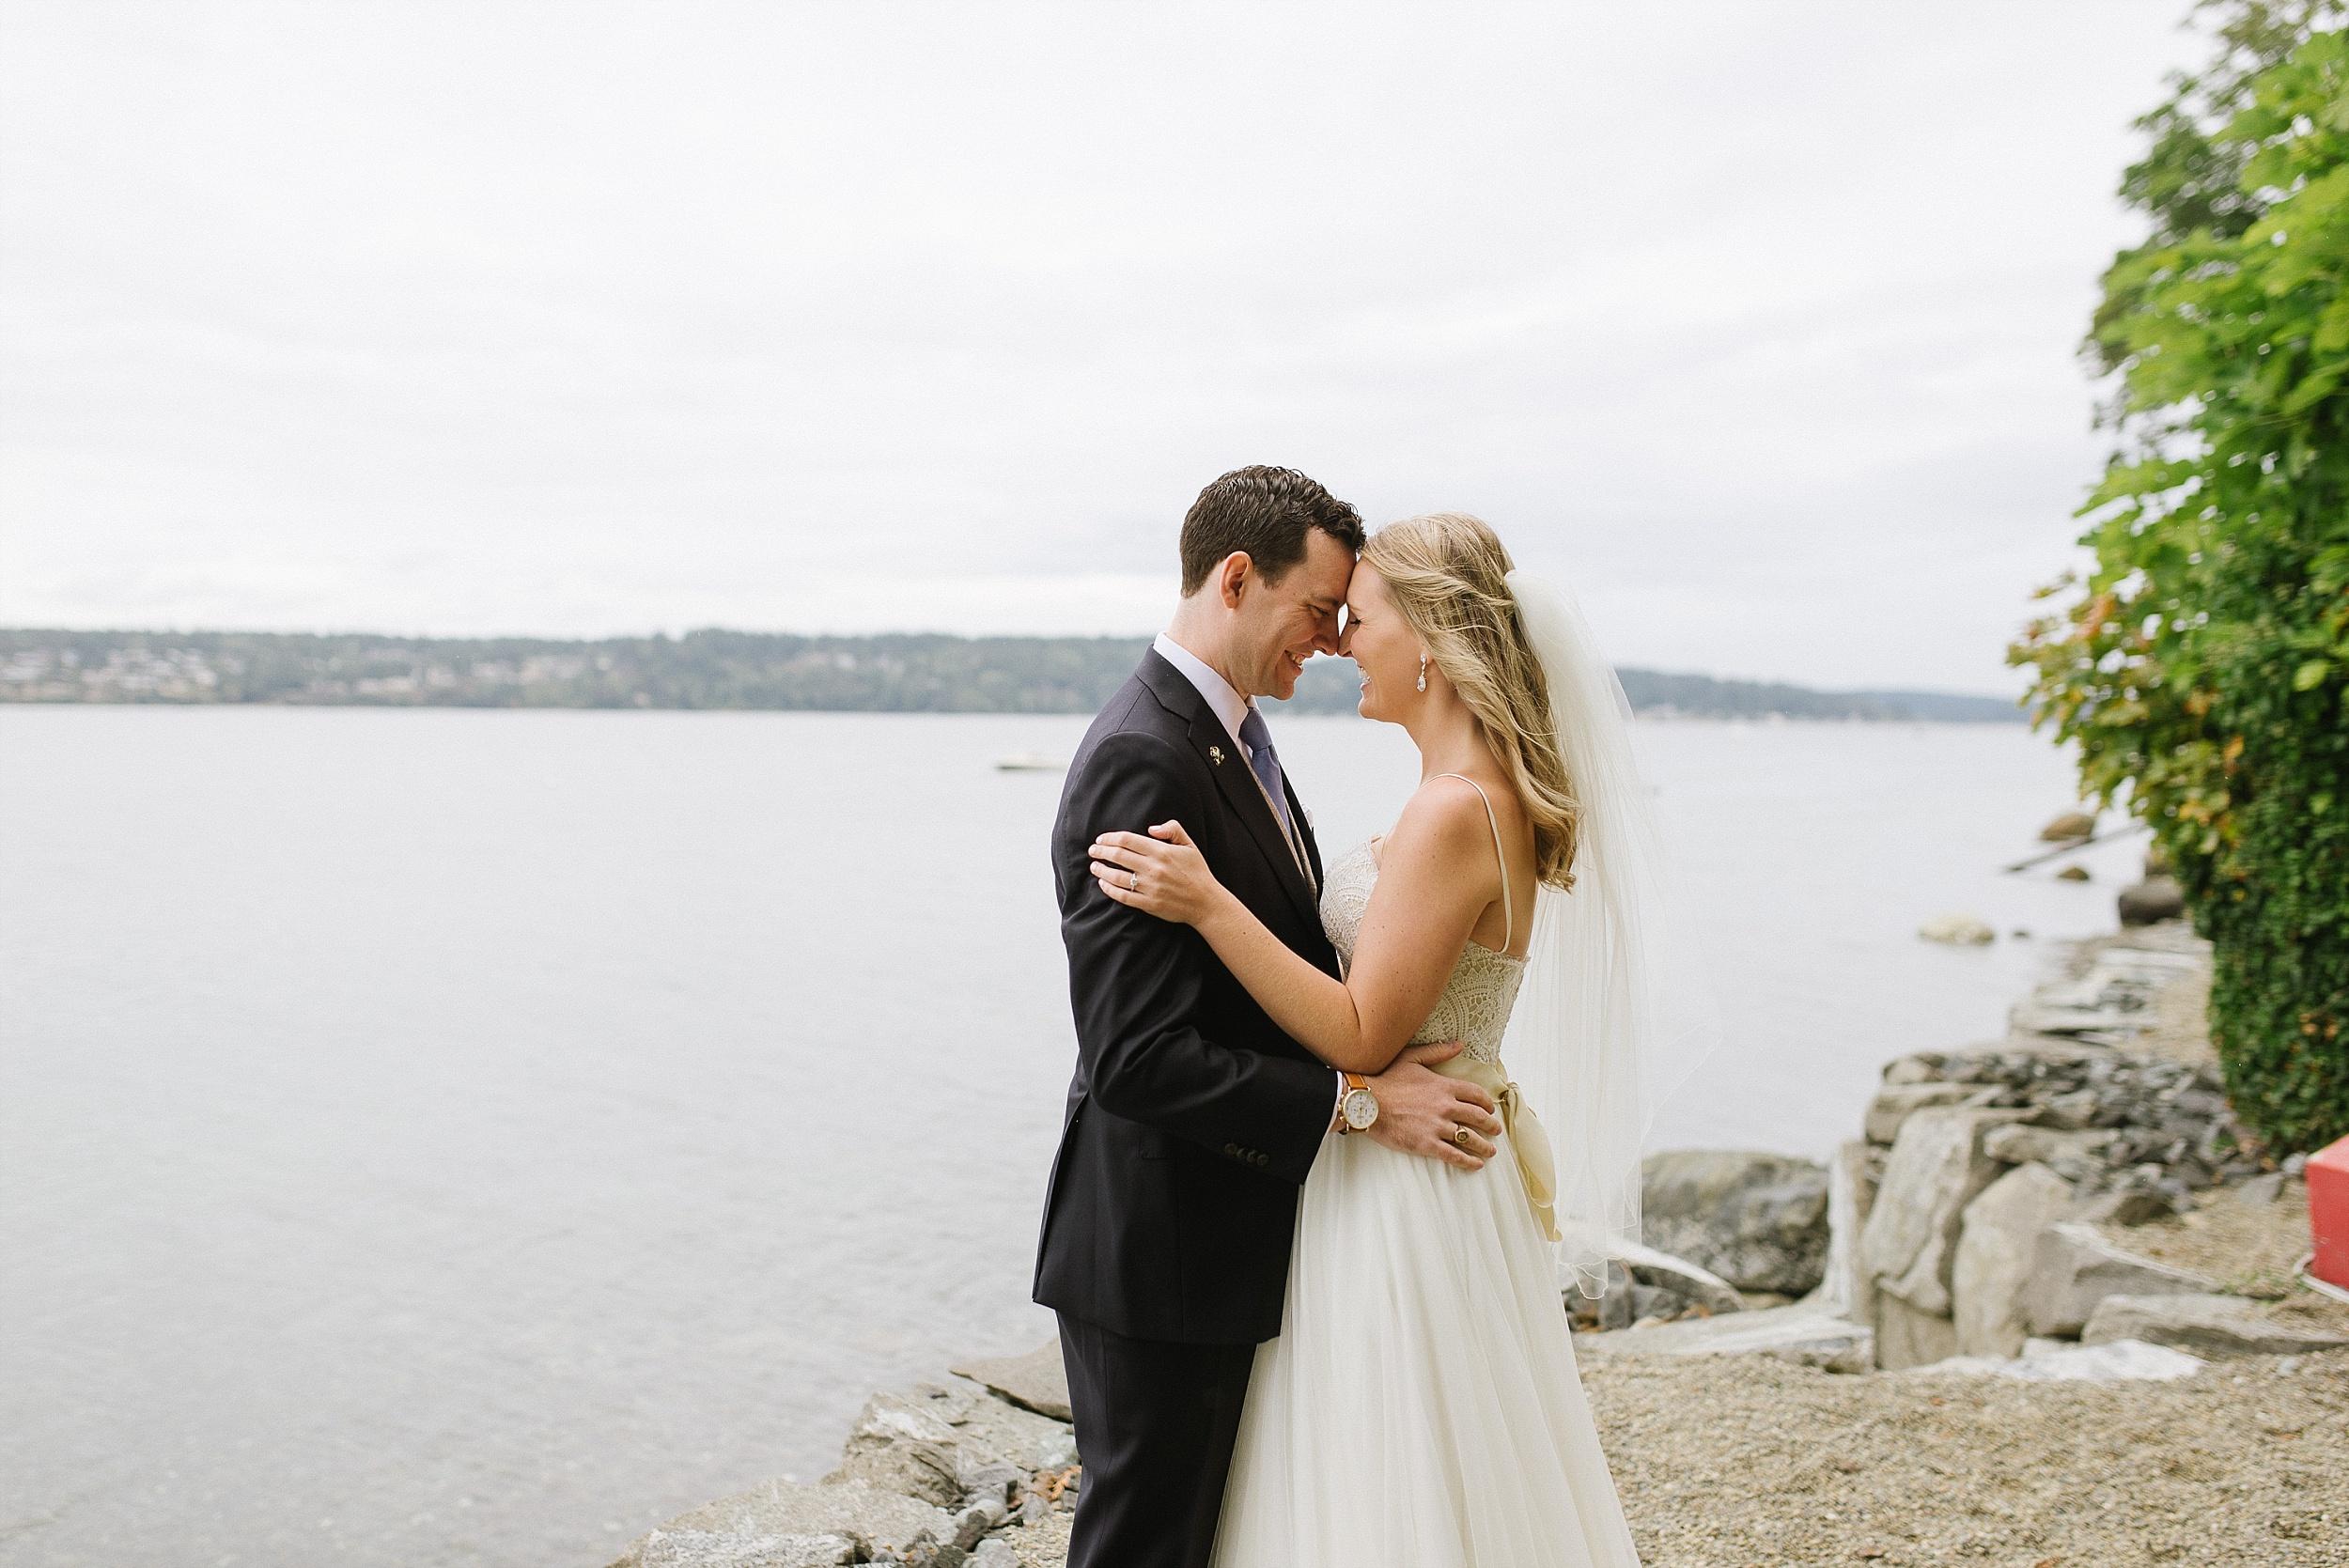 gig_harbor_washington_wedding_danacolin_cdp_0014.jpg